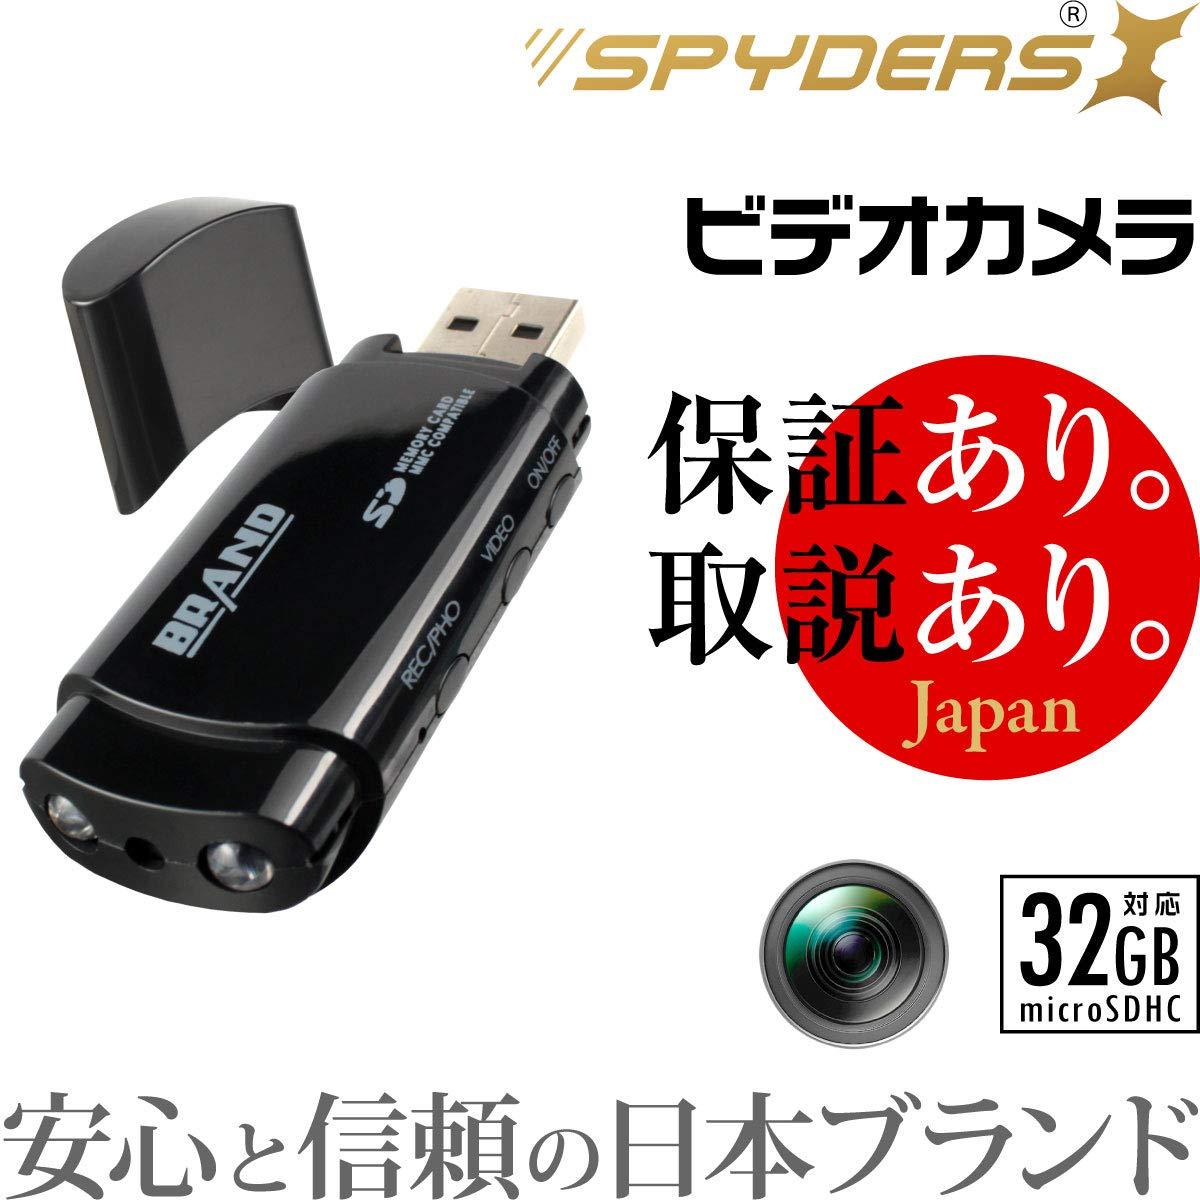 【半額】 スパイダーズX USBメモリー型カメラ スパイダーズX B017LORJC4 小型カメラ スパイカメラ (A-460) (A-460) B017LORJC4, アトラス:5fefb719 --- irlandskayaliteratura.org